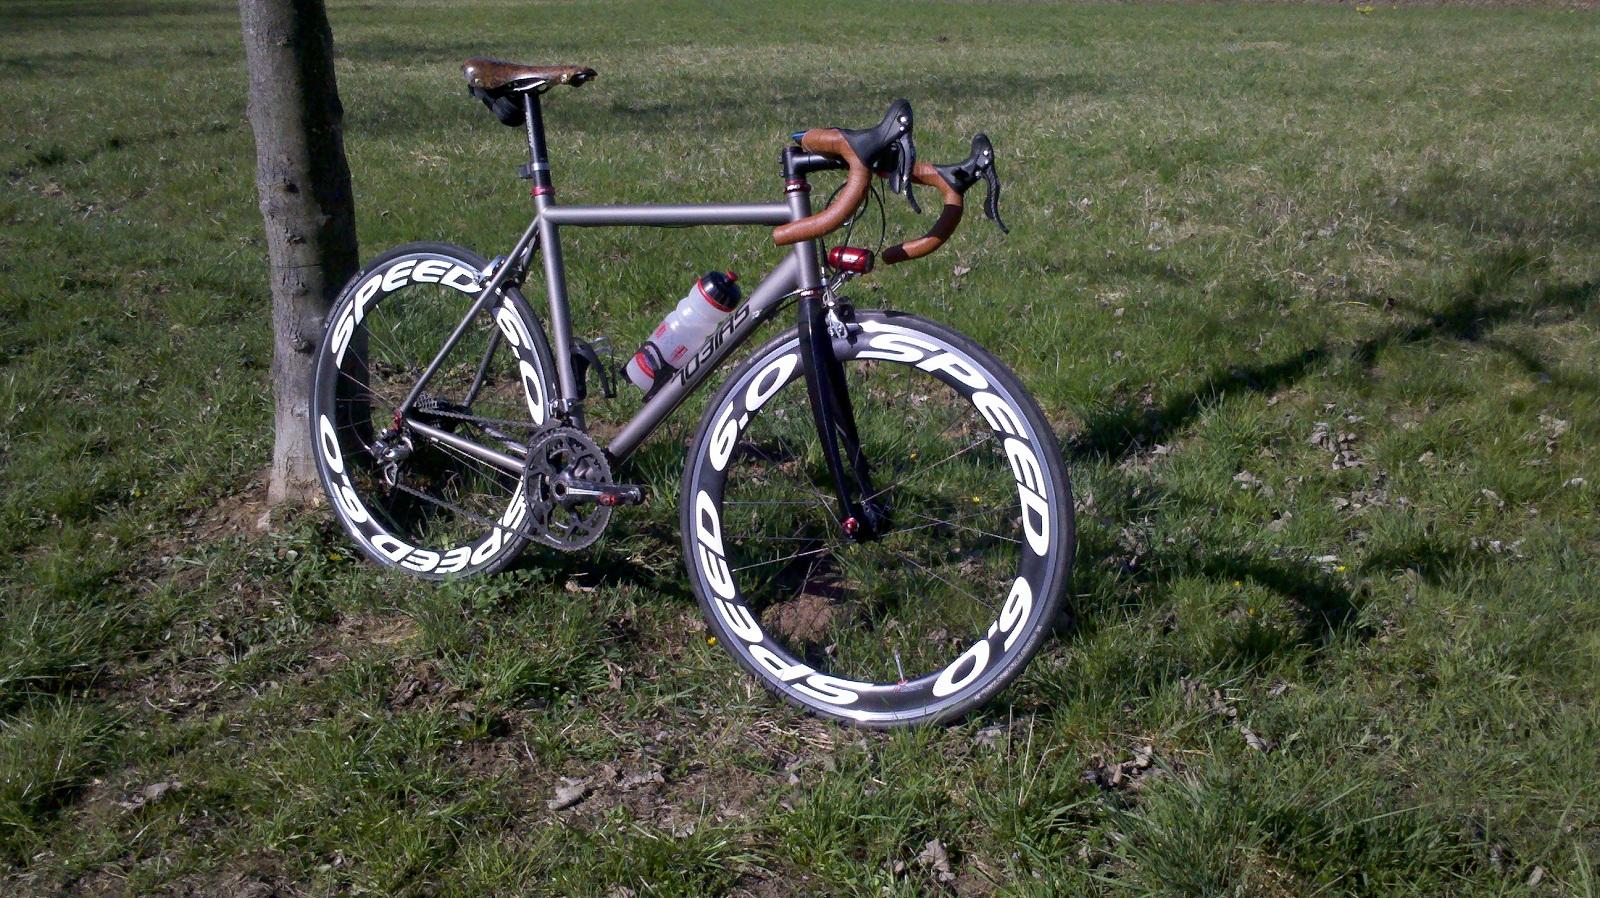 brevet fahrrad